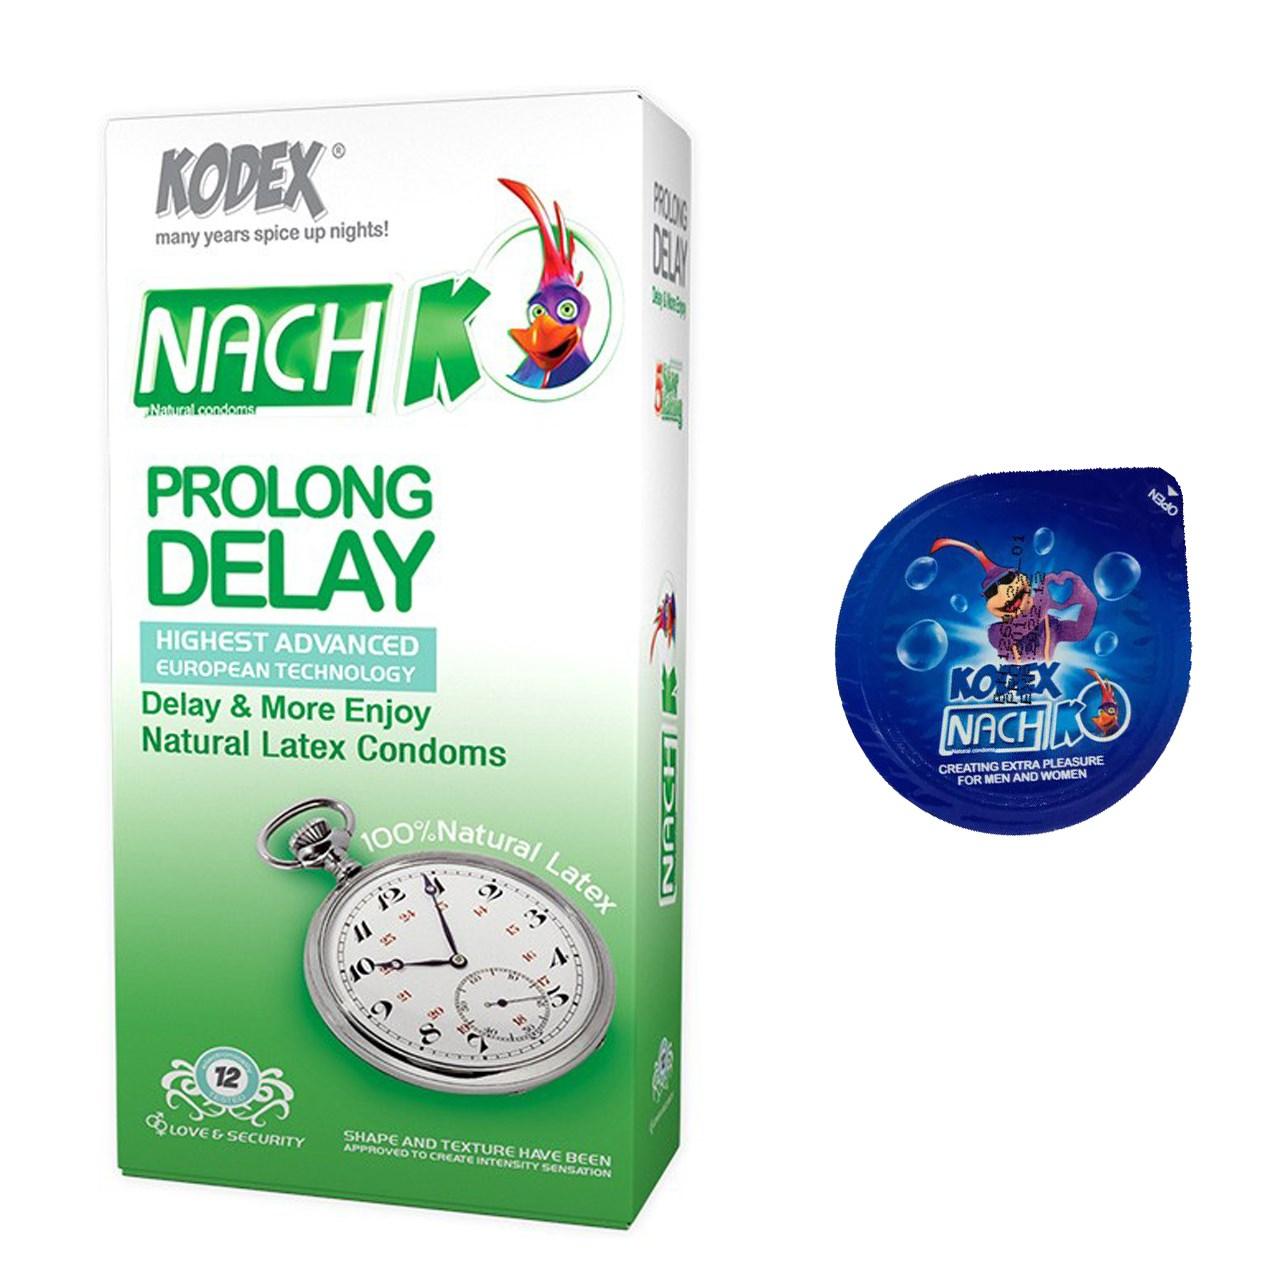 خرید                      کاندوم نازک مدل بلیسر کدکس به همراه یک بسته کدکس مدل Prolong Delay بسته 12 عددی